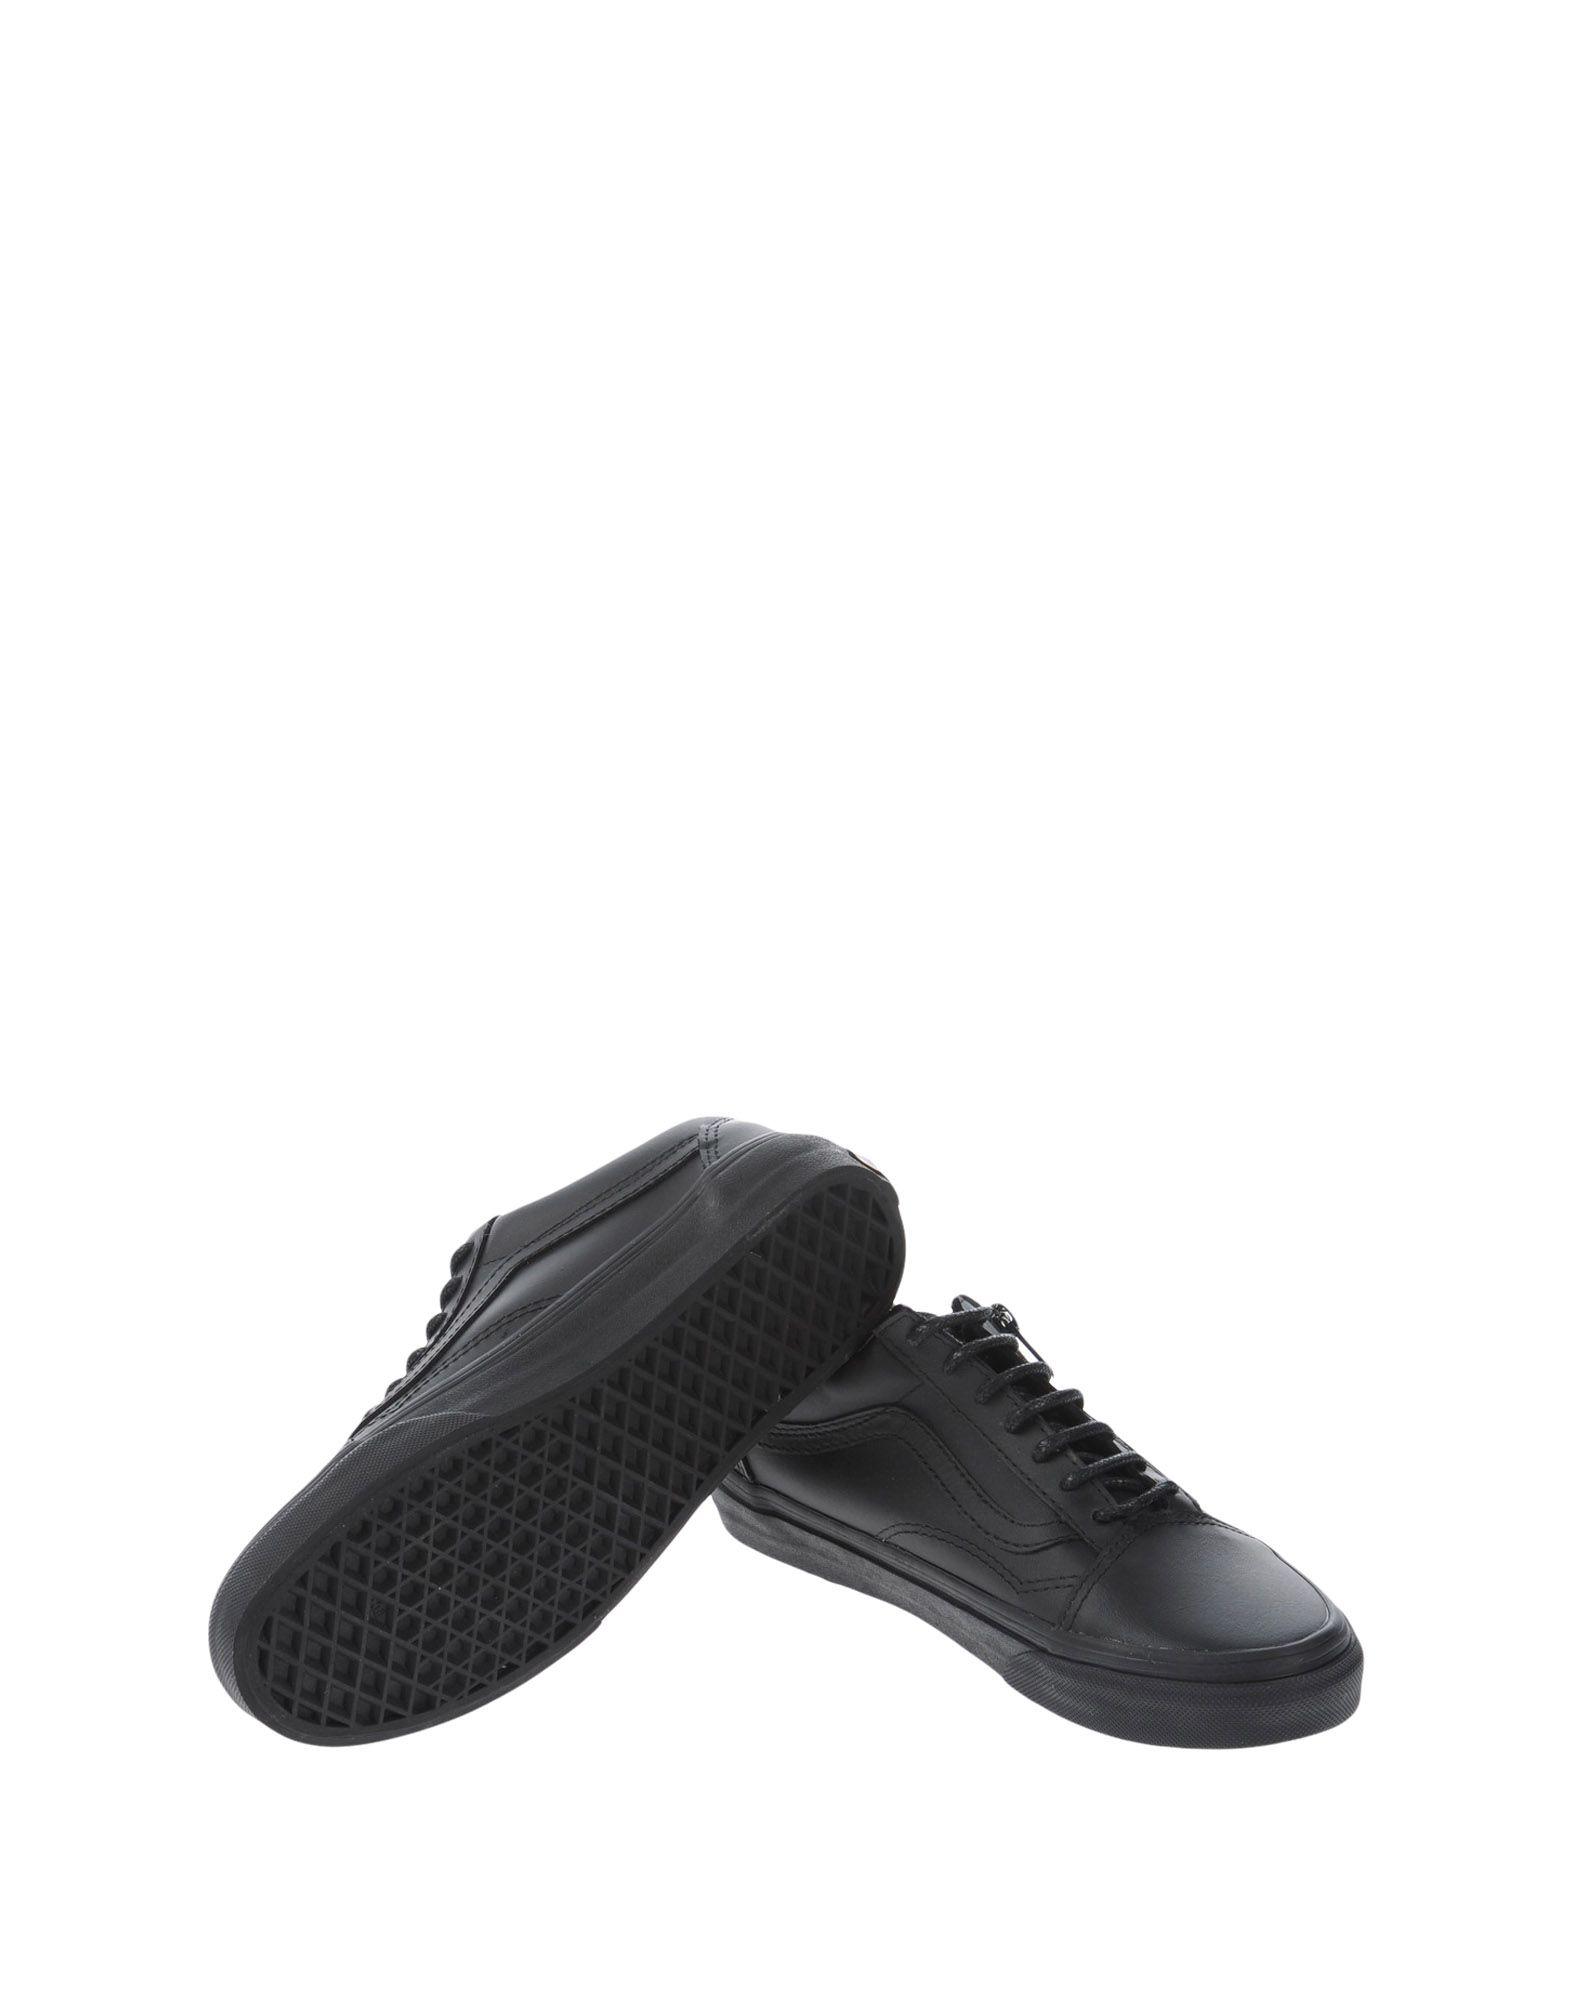 Gut um U billige Schuhe zu tragenVans U um Old Skool Zip Gunmetal Blac  11139397AP 799504